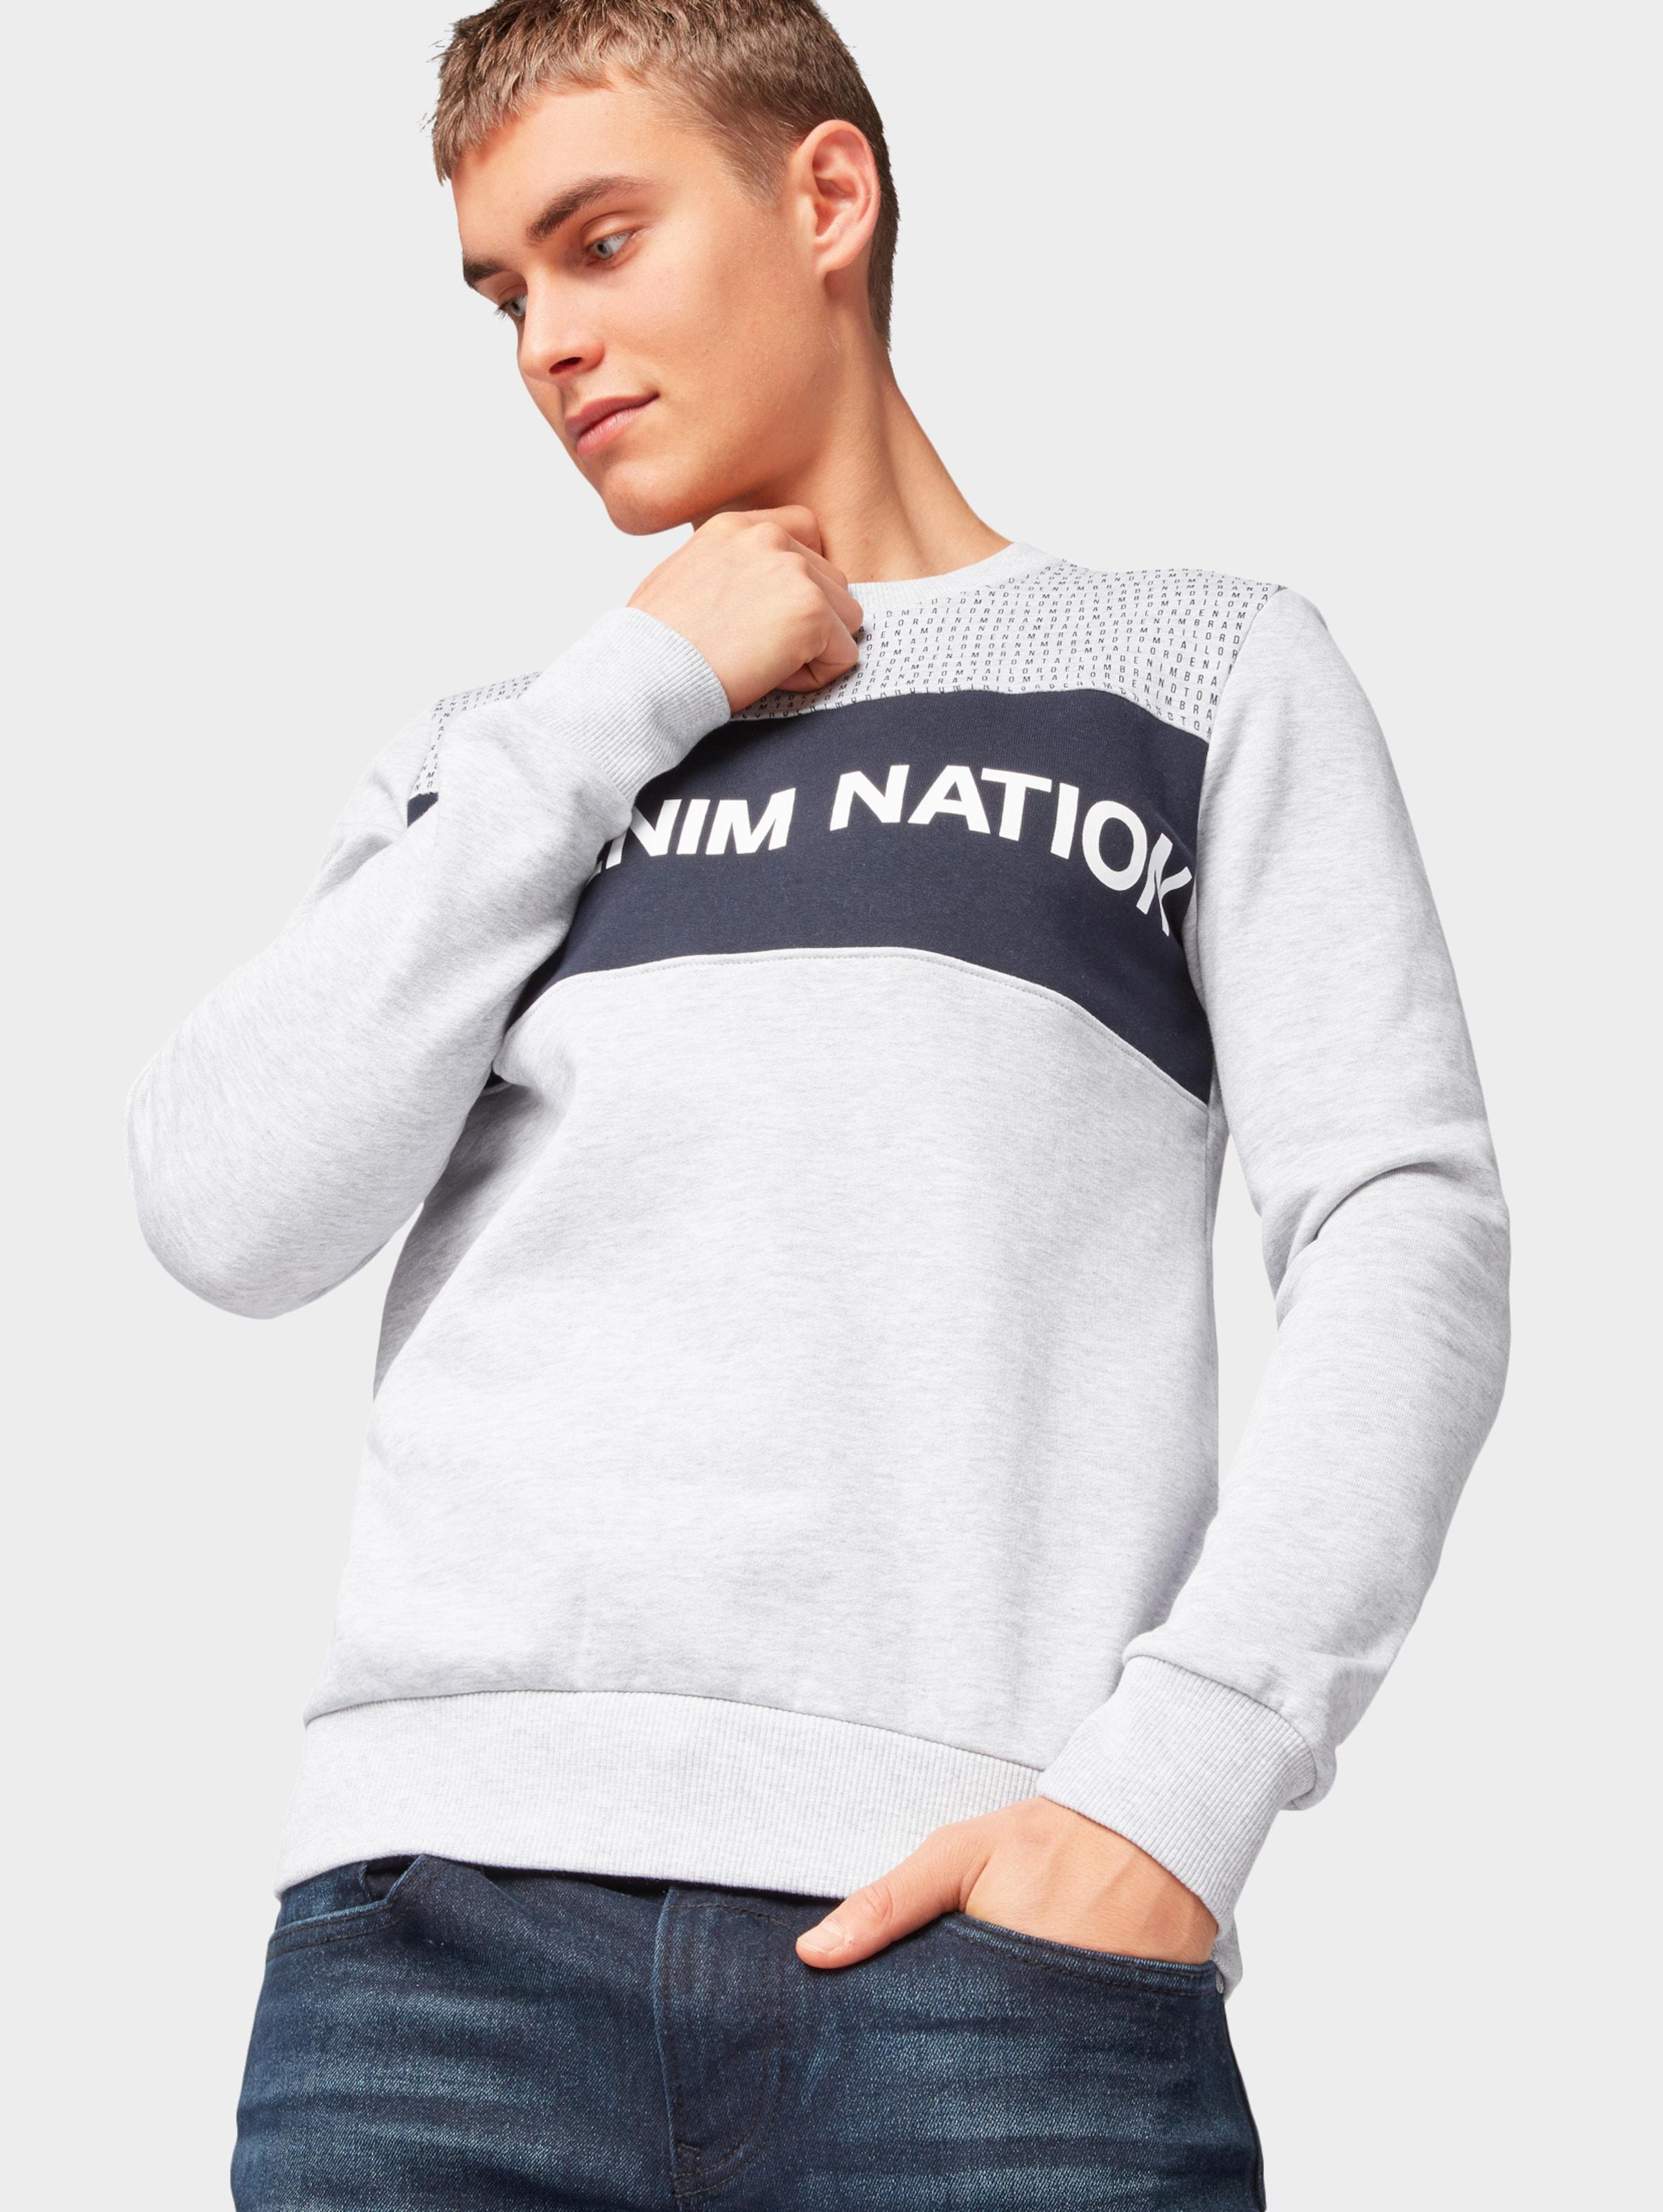 Sweatshirt Denim In NachtblauHellgrau Tom Tailor Weiß ymP8nO0vNw